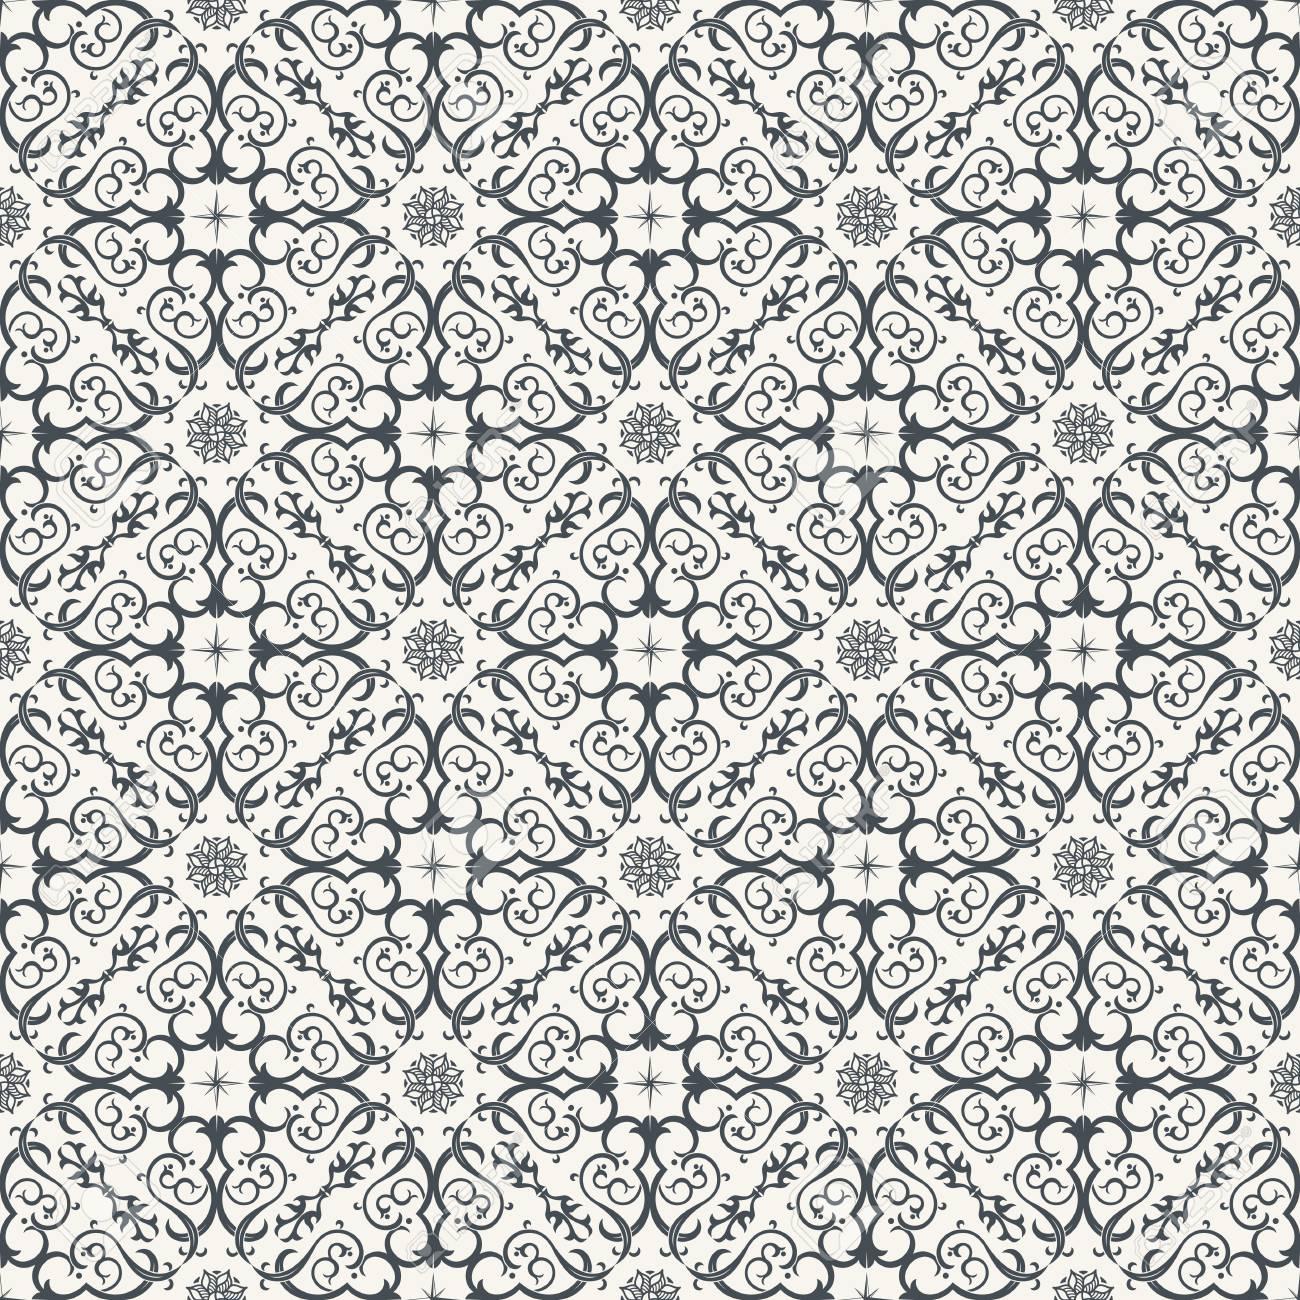 Arrière Plan Transparent Dans Le Style Arabe. Papier Peint Noir Et Blanc  Avec Des